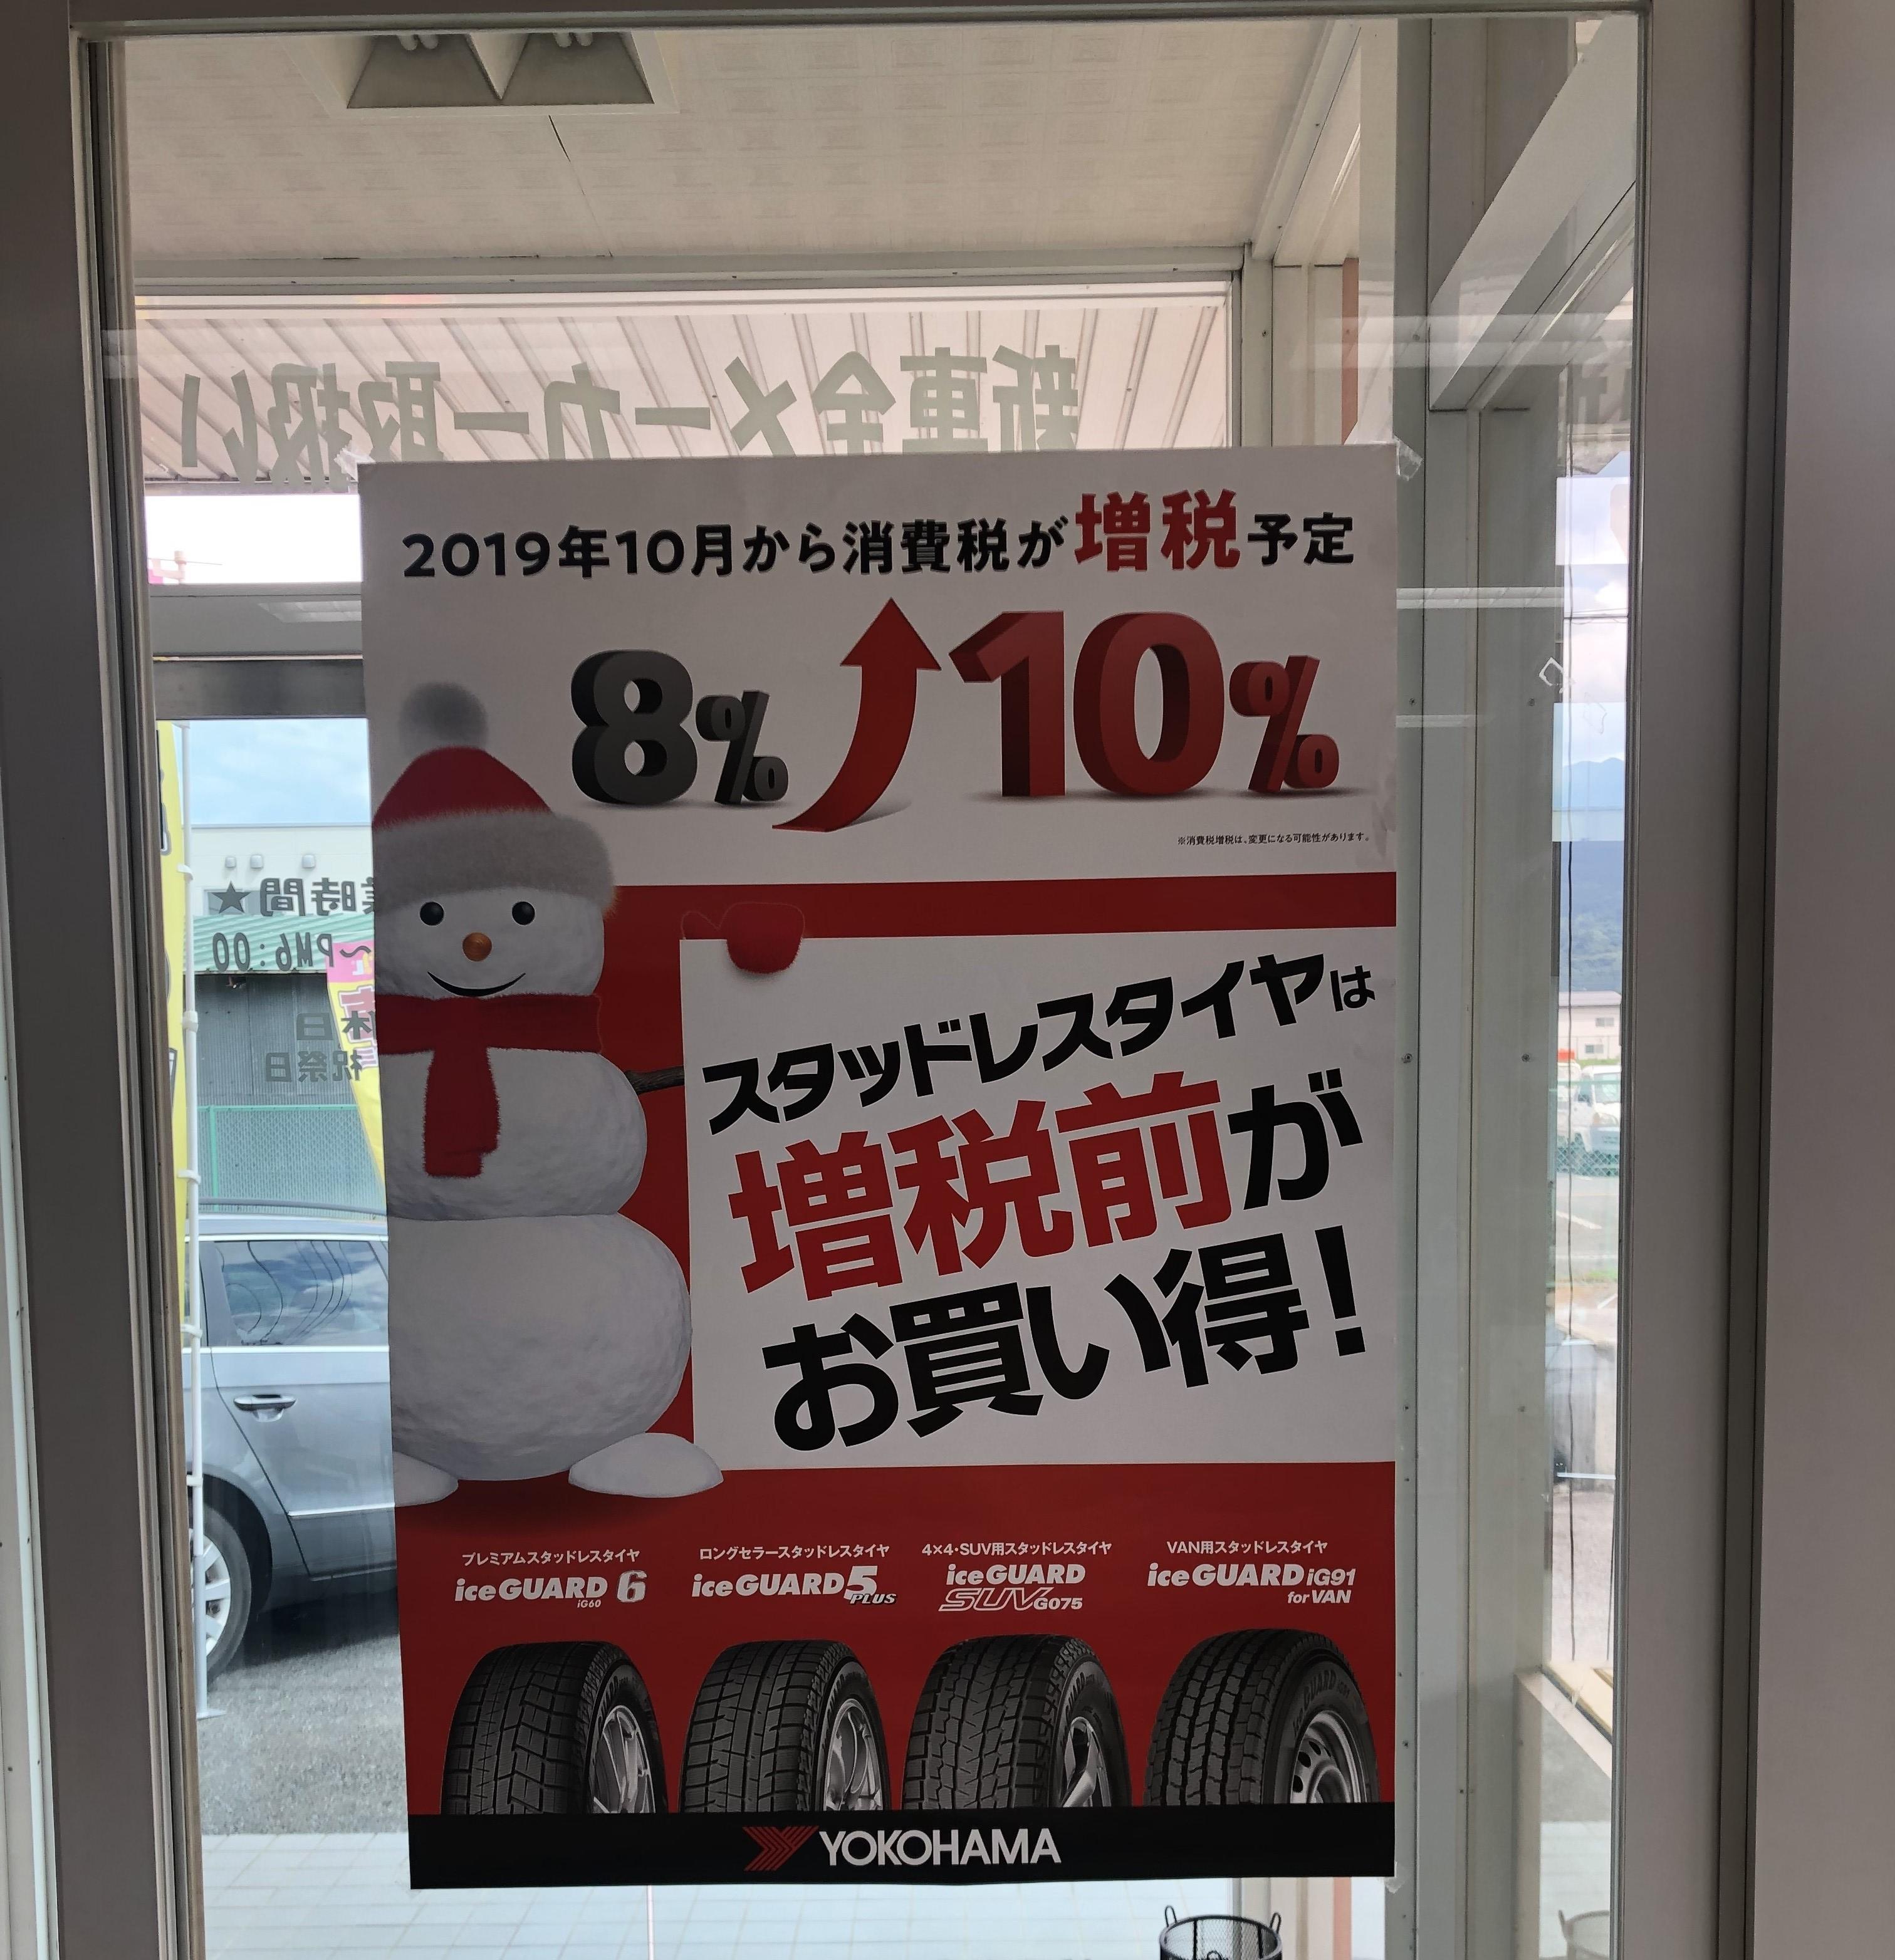 山形県 山形市 スタッドレスタイヤは増税前がお買い得!!の画像